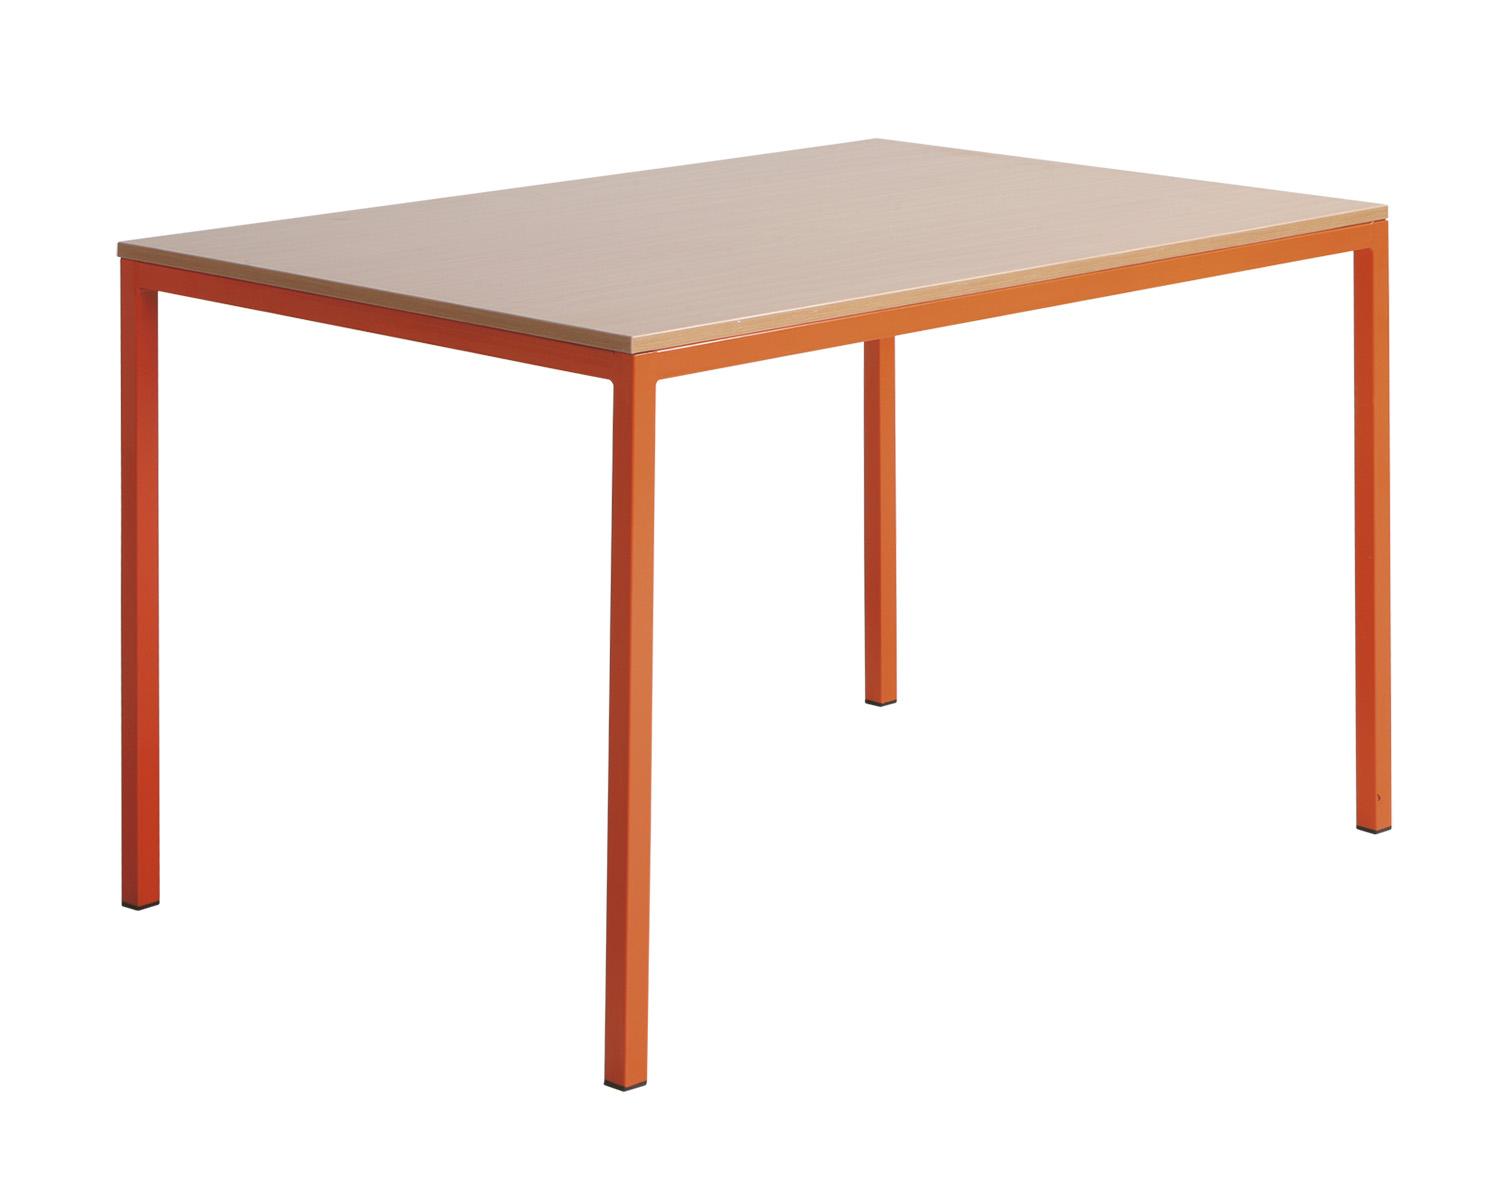 sulimax i es asztal 120 80 cm. Black Bedroom Furniture Sets. Home Design Ideas